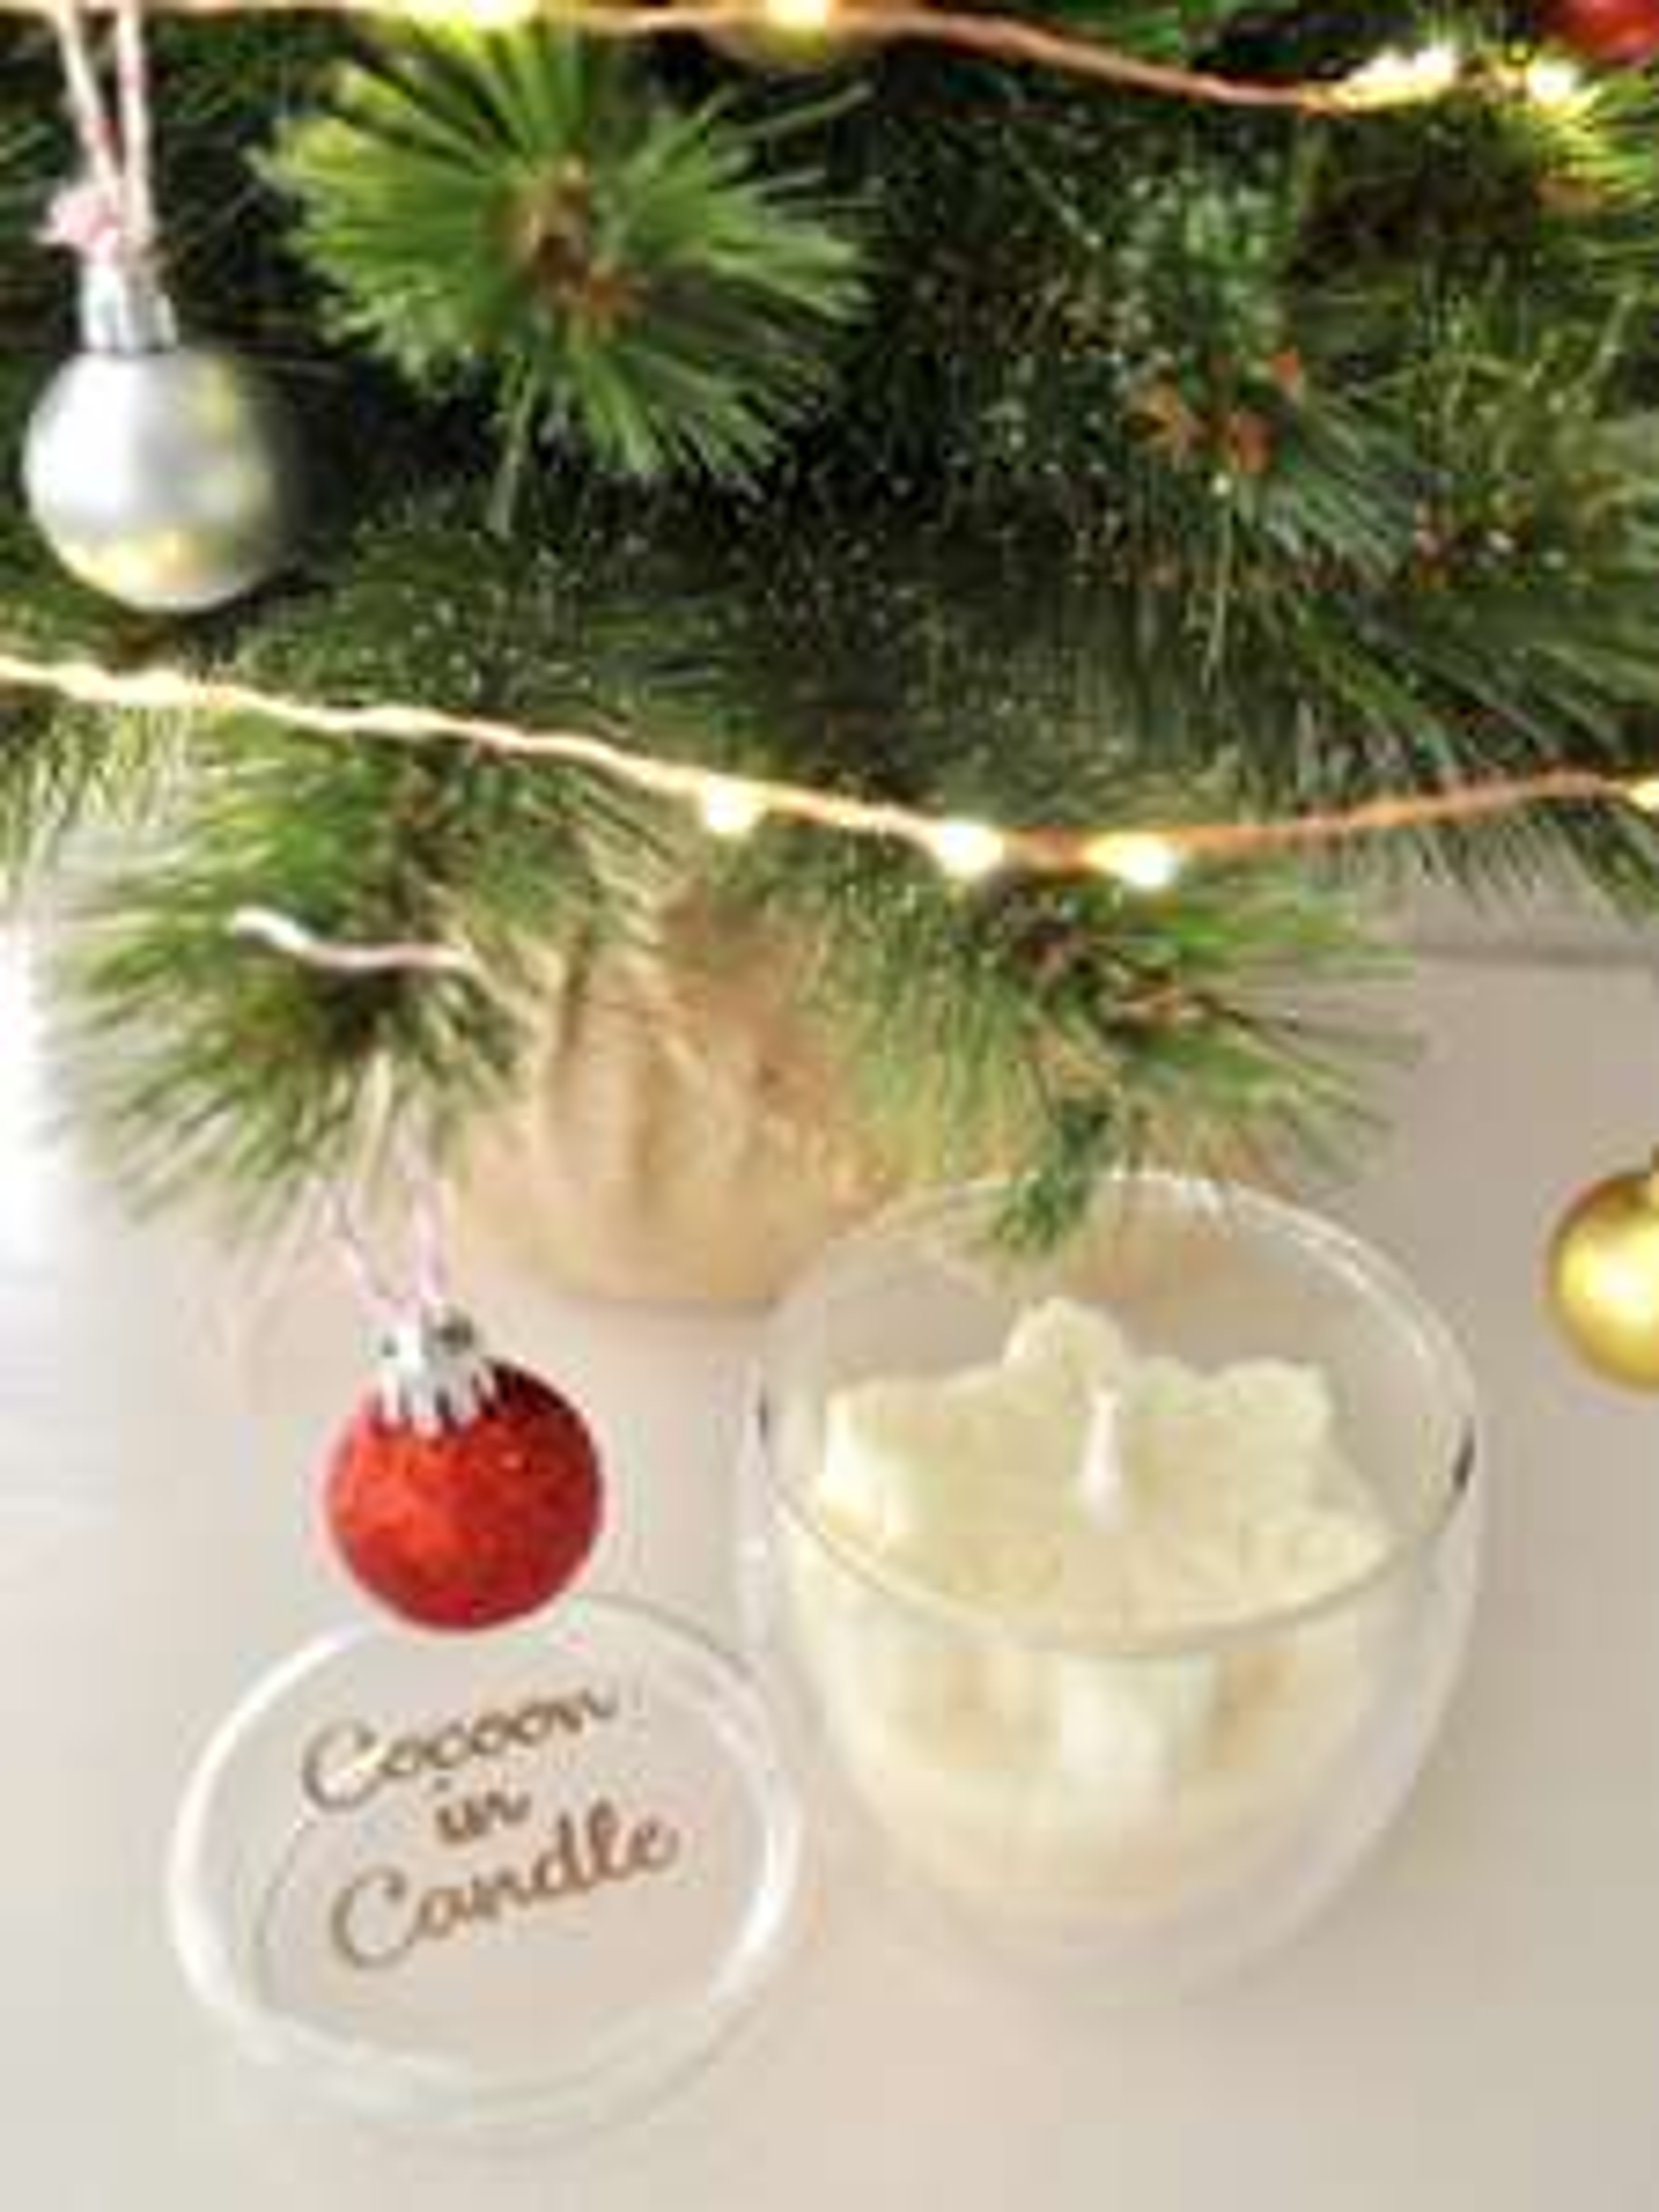 Sélection d'articles en promotion - Ex : bougie parfumée Fleur de Coton (160 g) - CocooninCandle.com